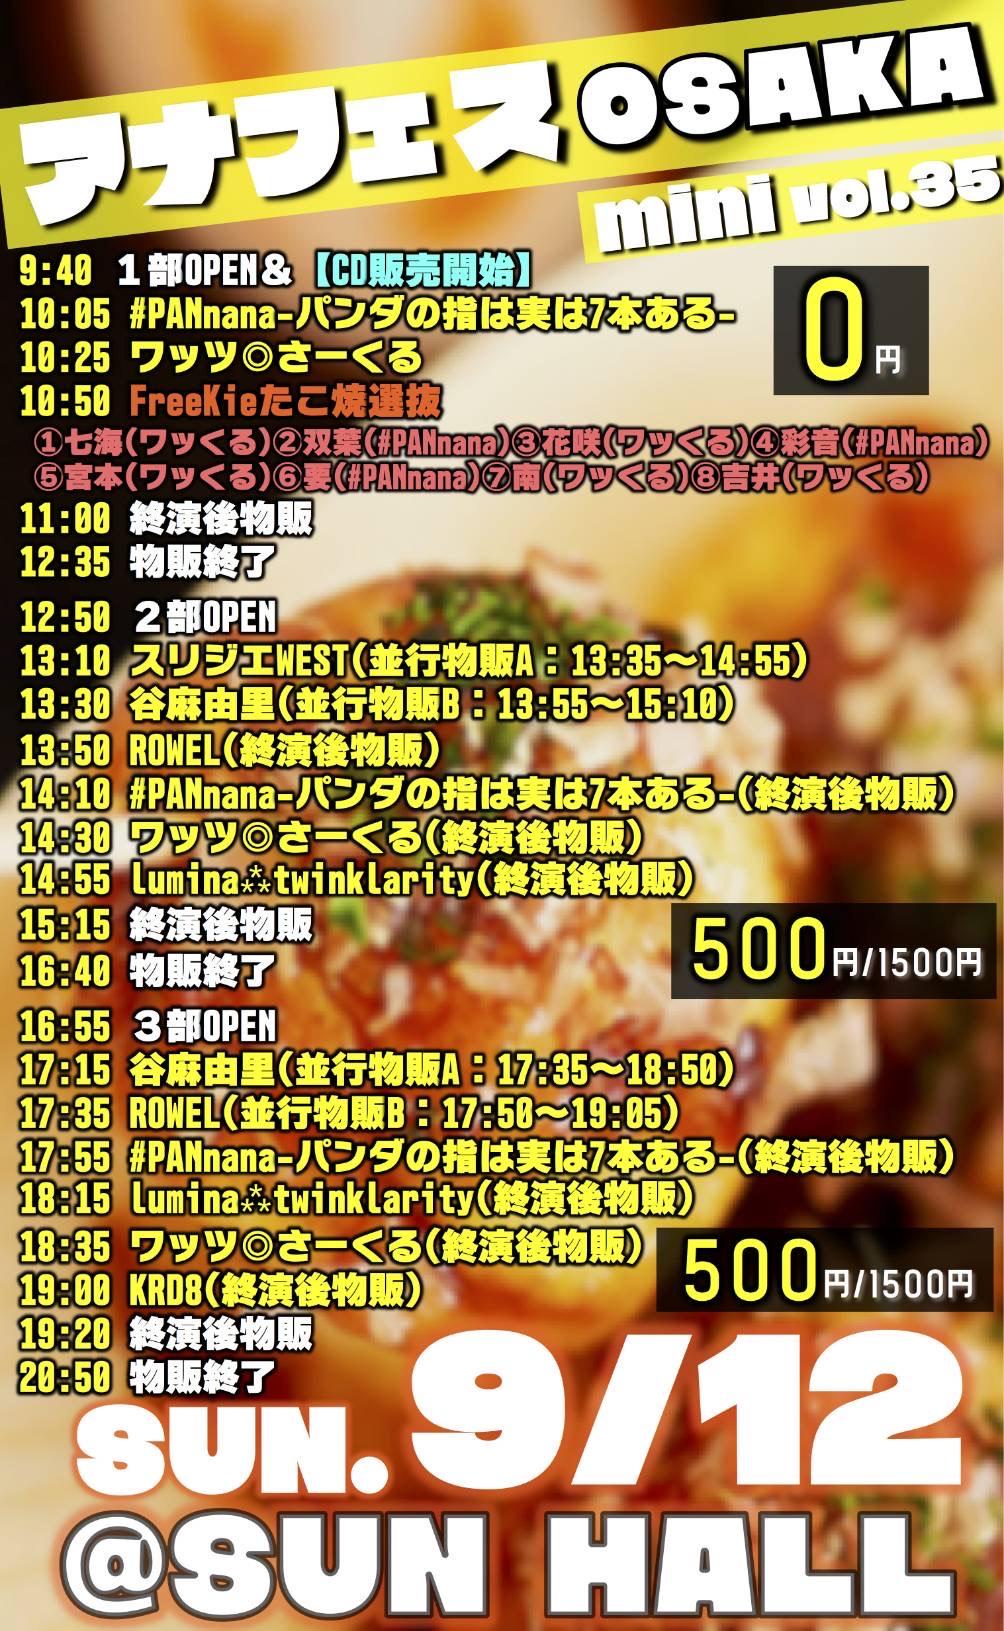 無料FreeKieリリイベ 〜たこ焼SP!!〜 / アナフェス大阪mini vol.35 〜ワンコインSP‼〜